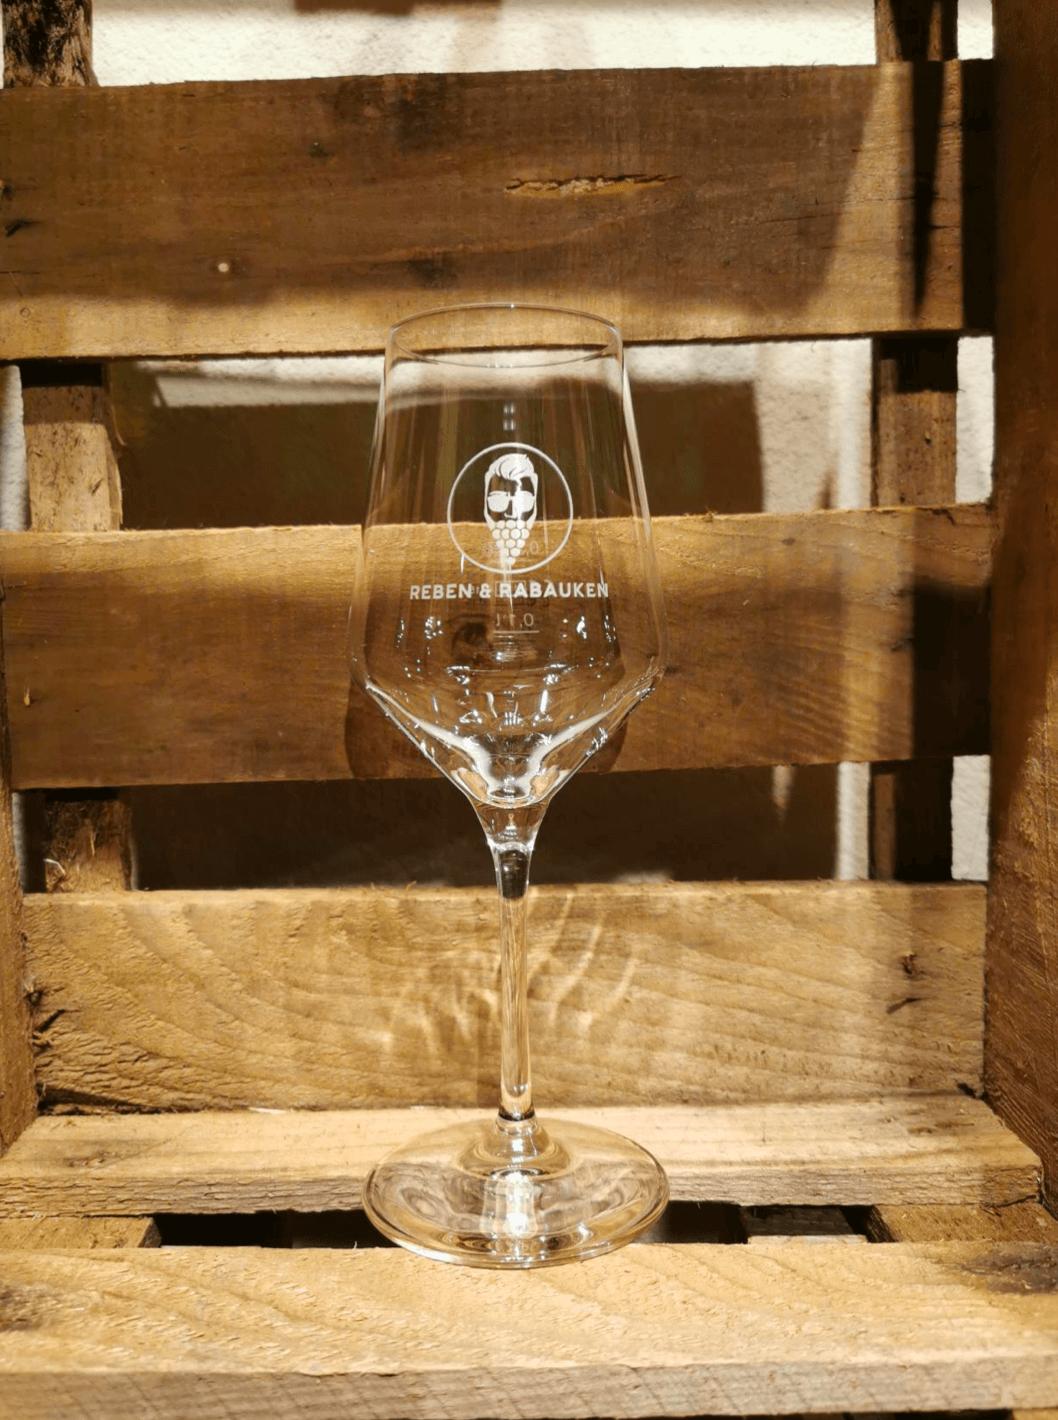 Rabauken Glas